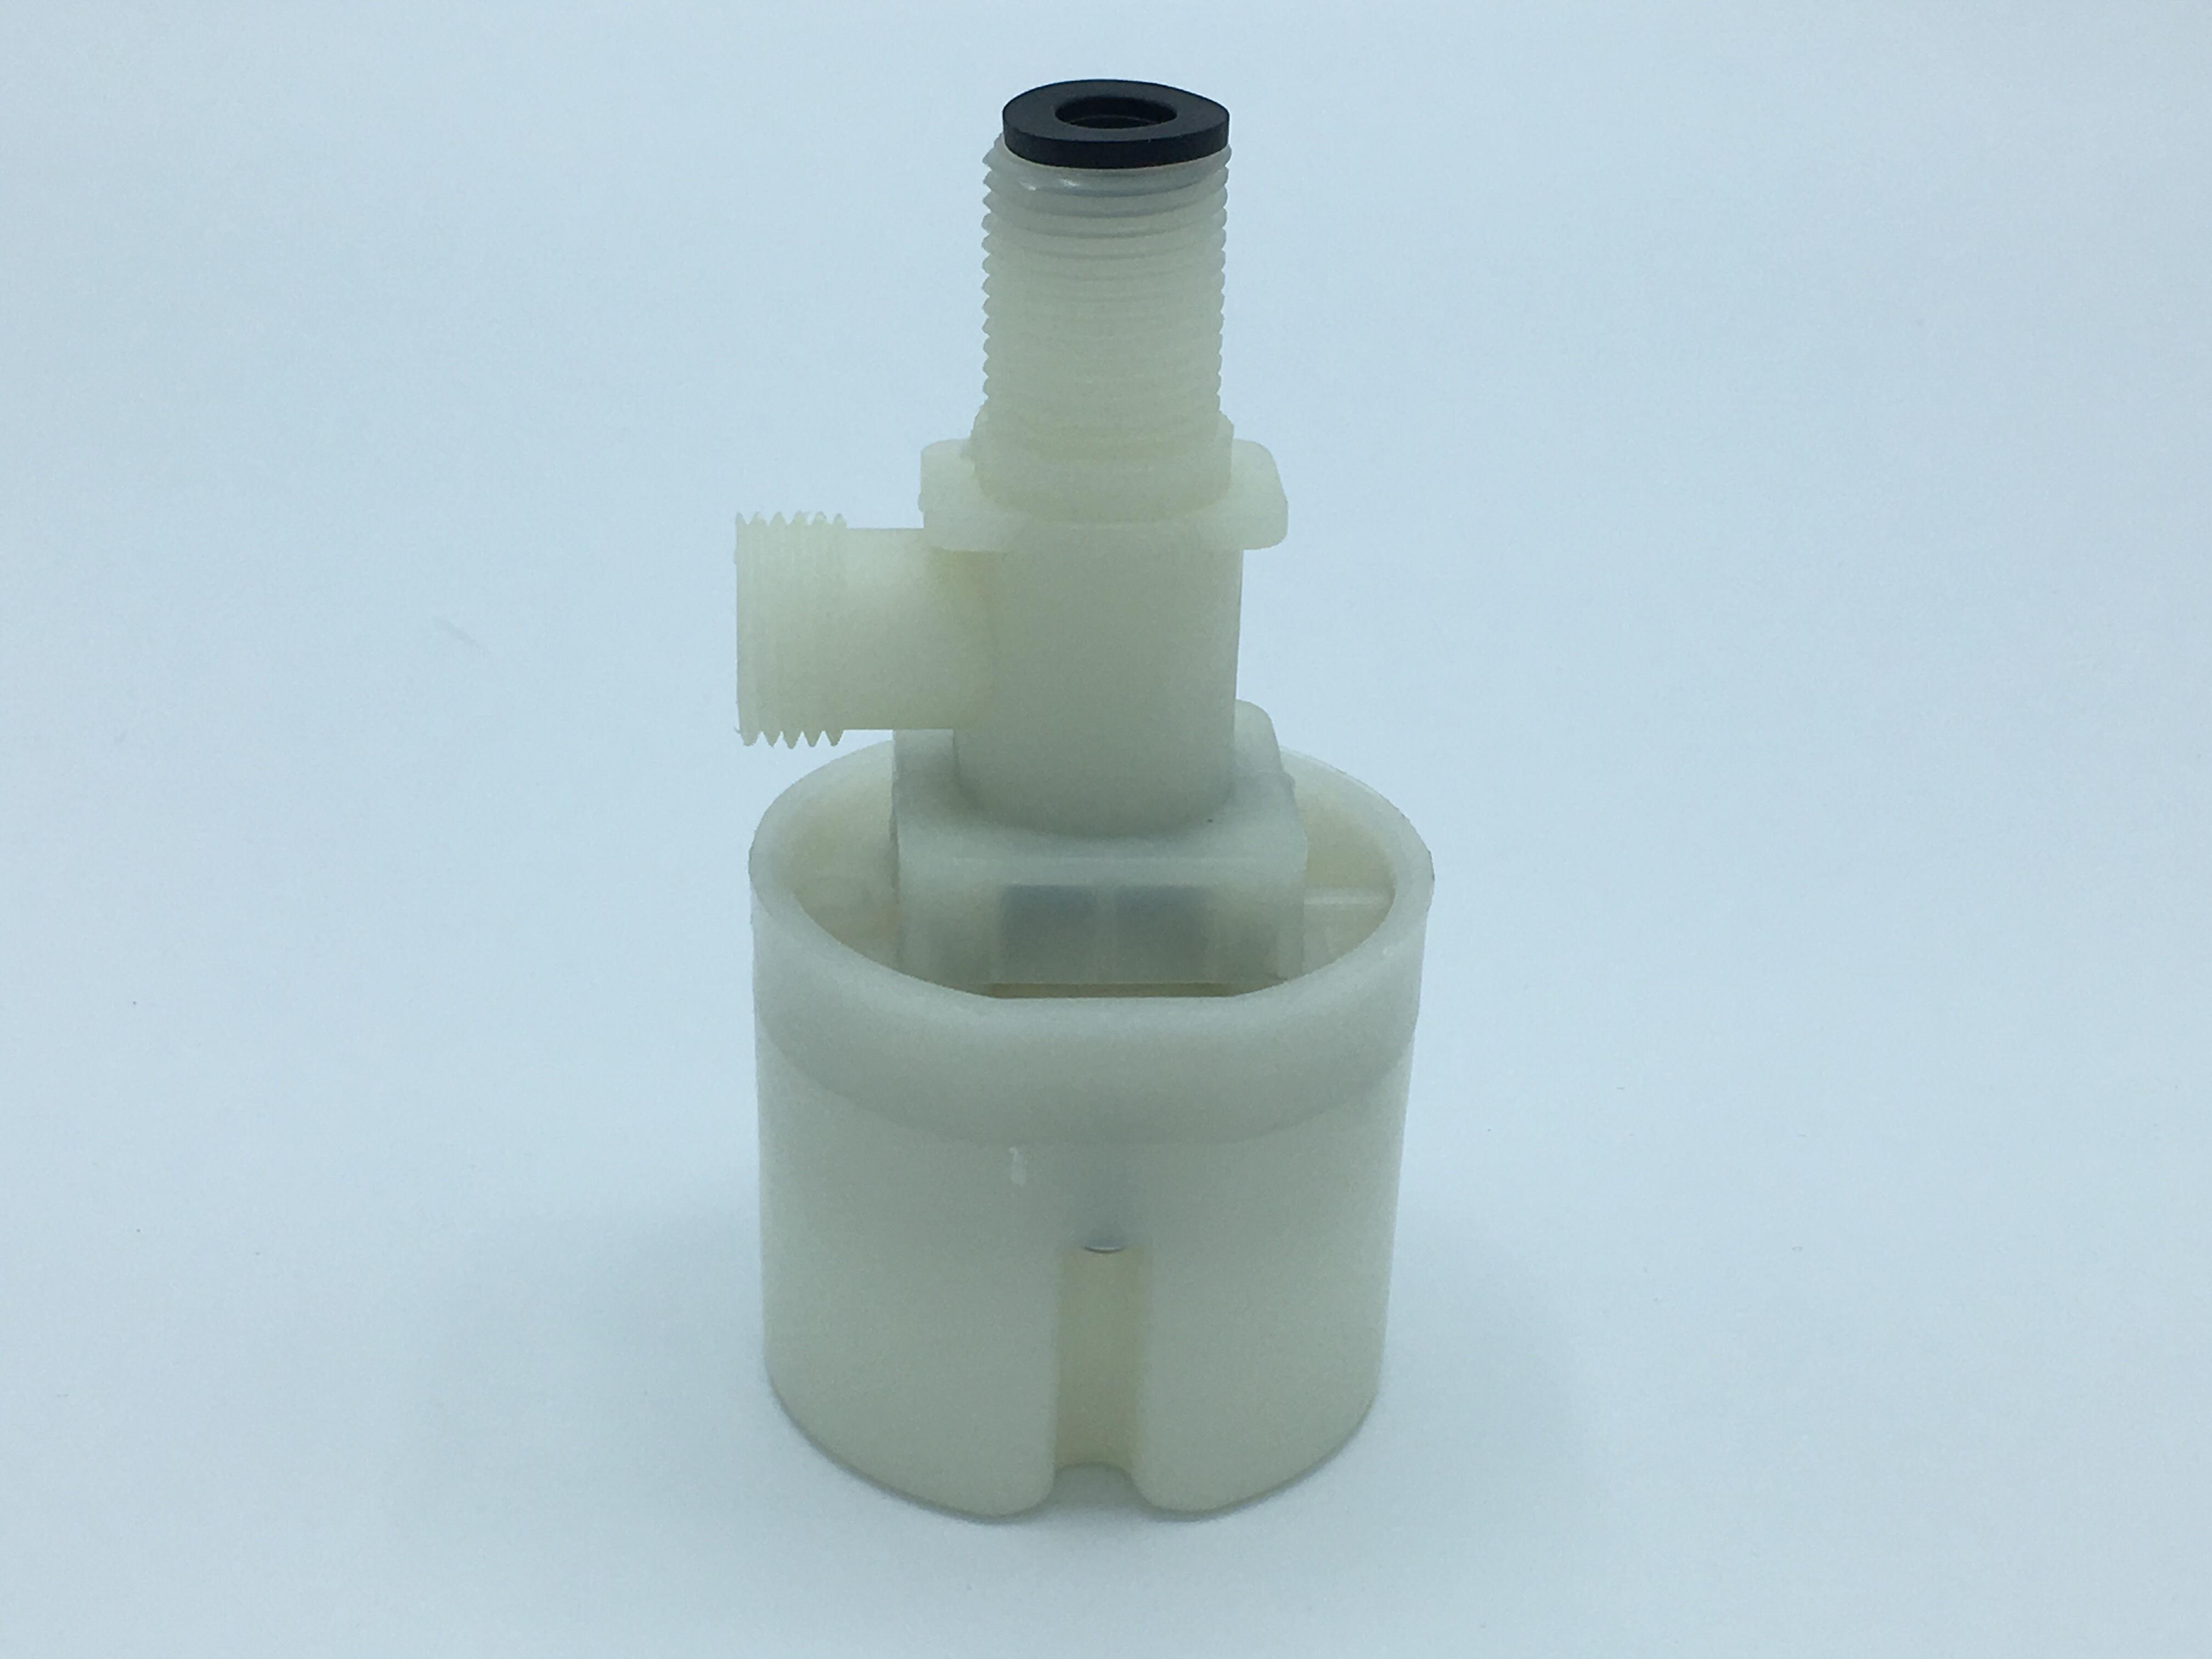 ลูกลอยอัตโนมัติ วาล์วควบคุมระดับน้ำอัตโนมัติ แบบงอ 90 เกลียวนอก 1/2 นิ้ว ( ยี่ห้อ JUNY )